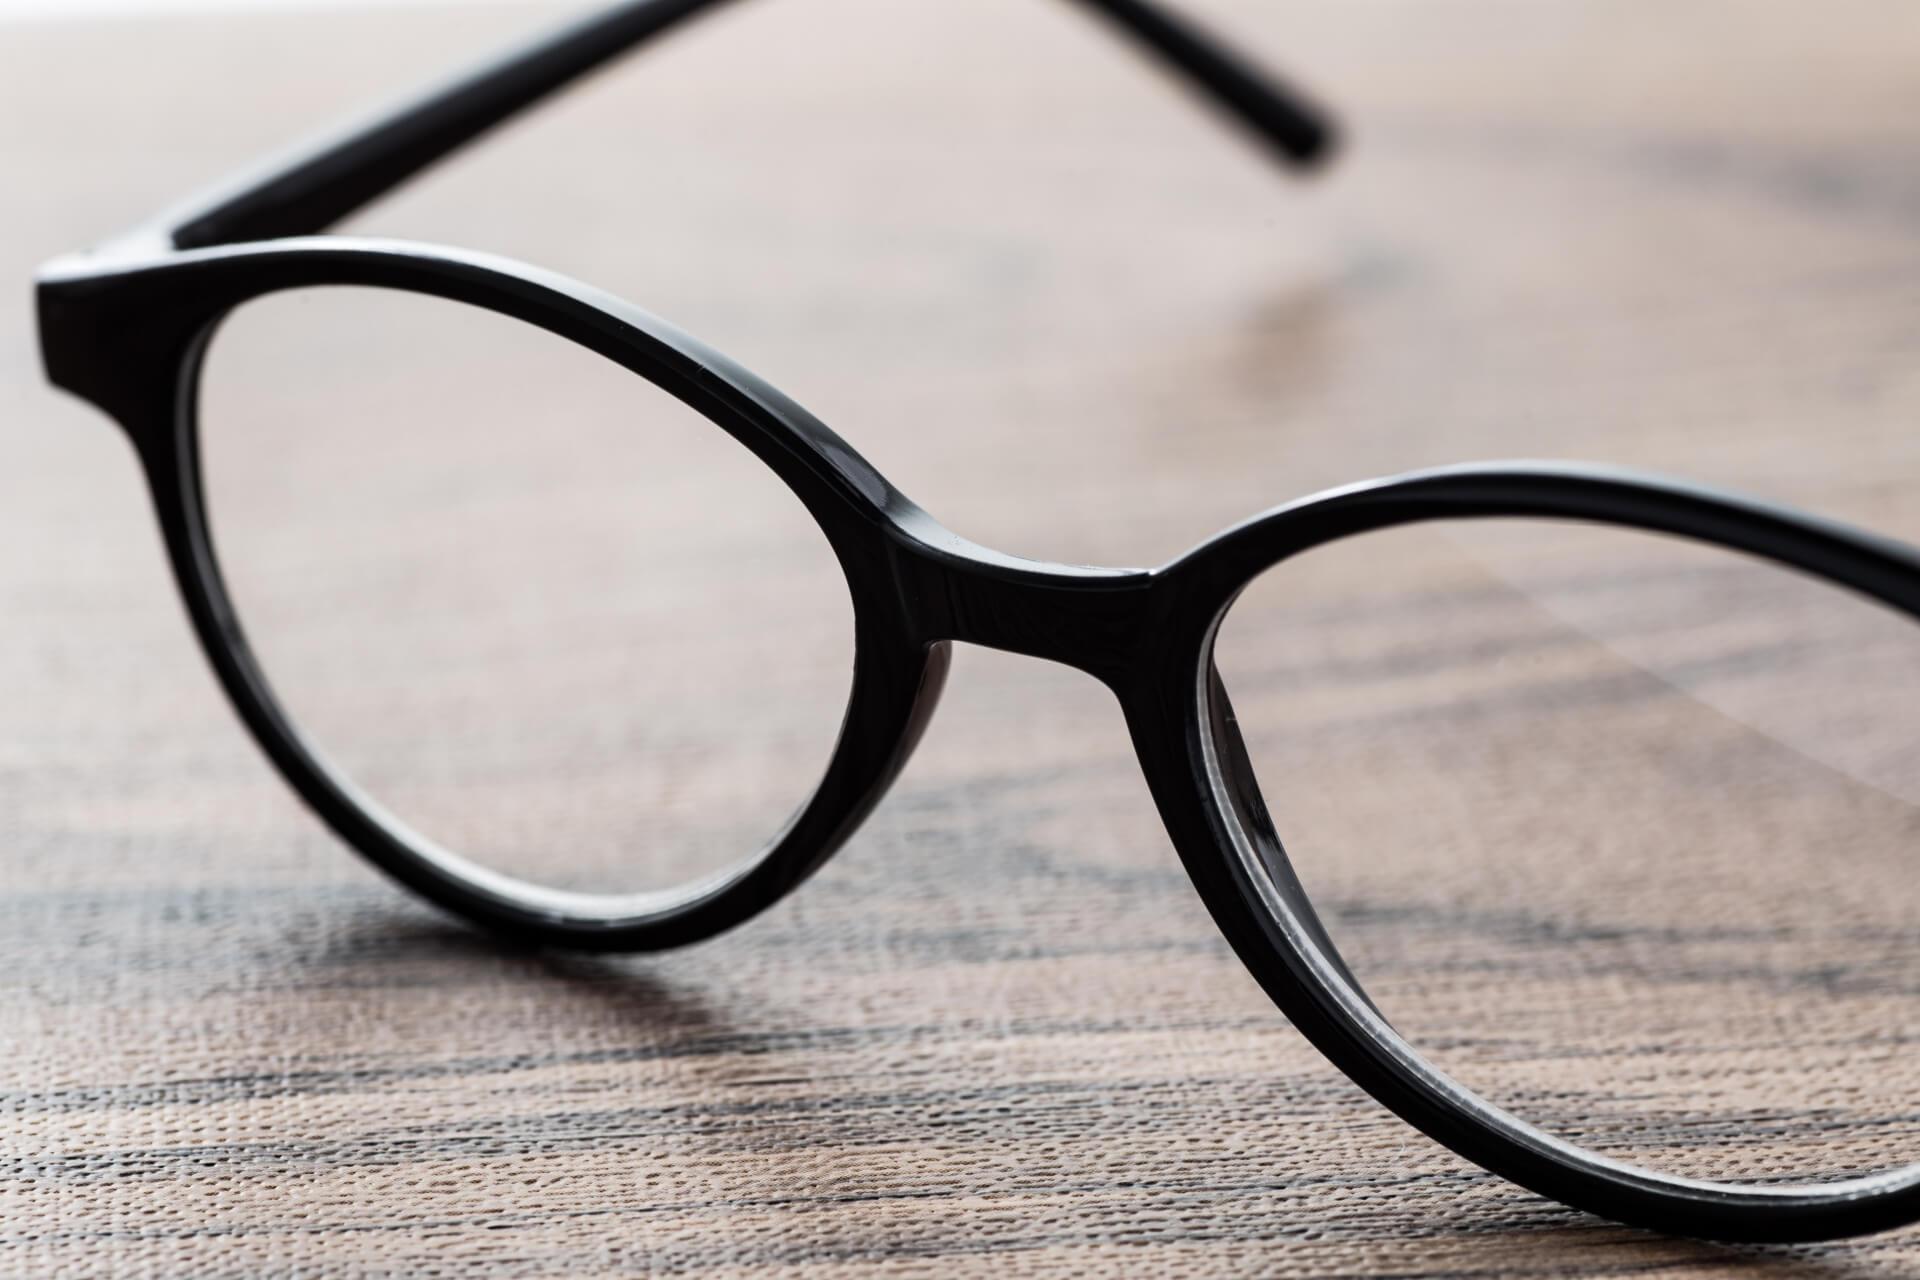 メガネのフィッティングを自分で行う際の注意点